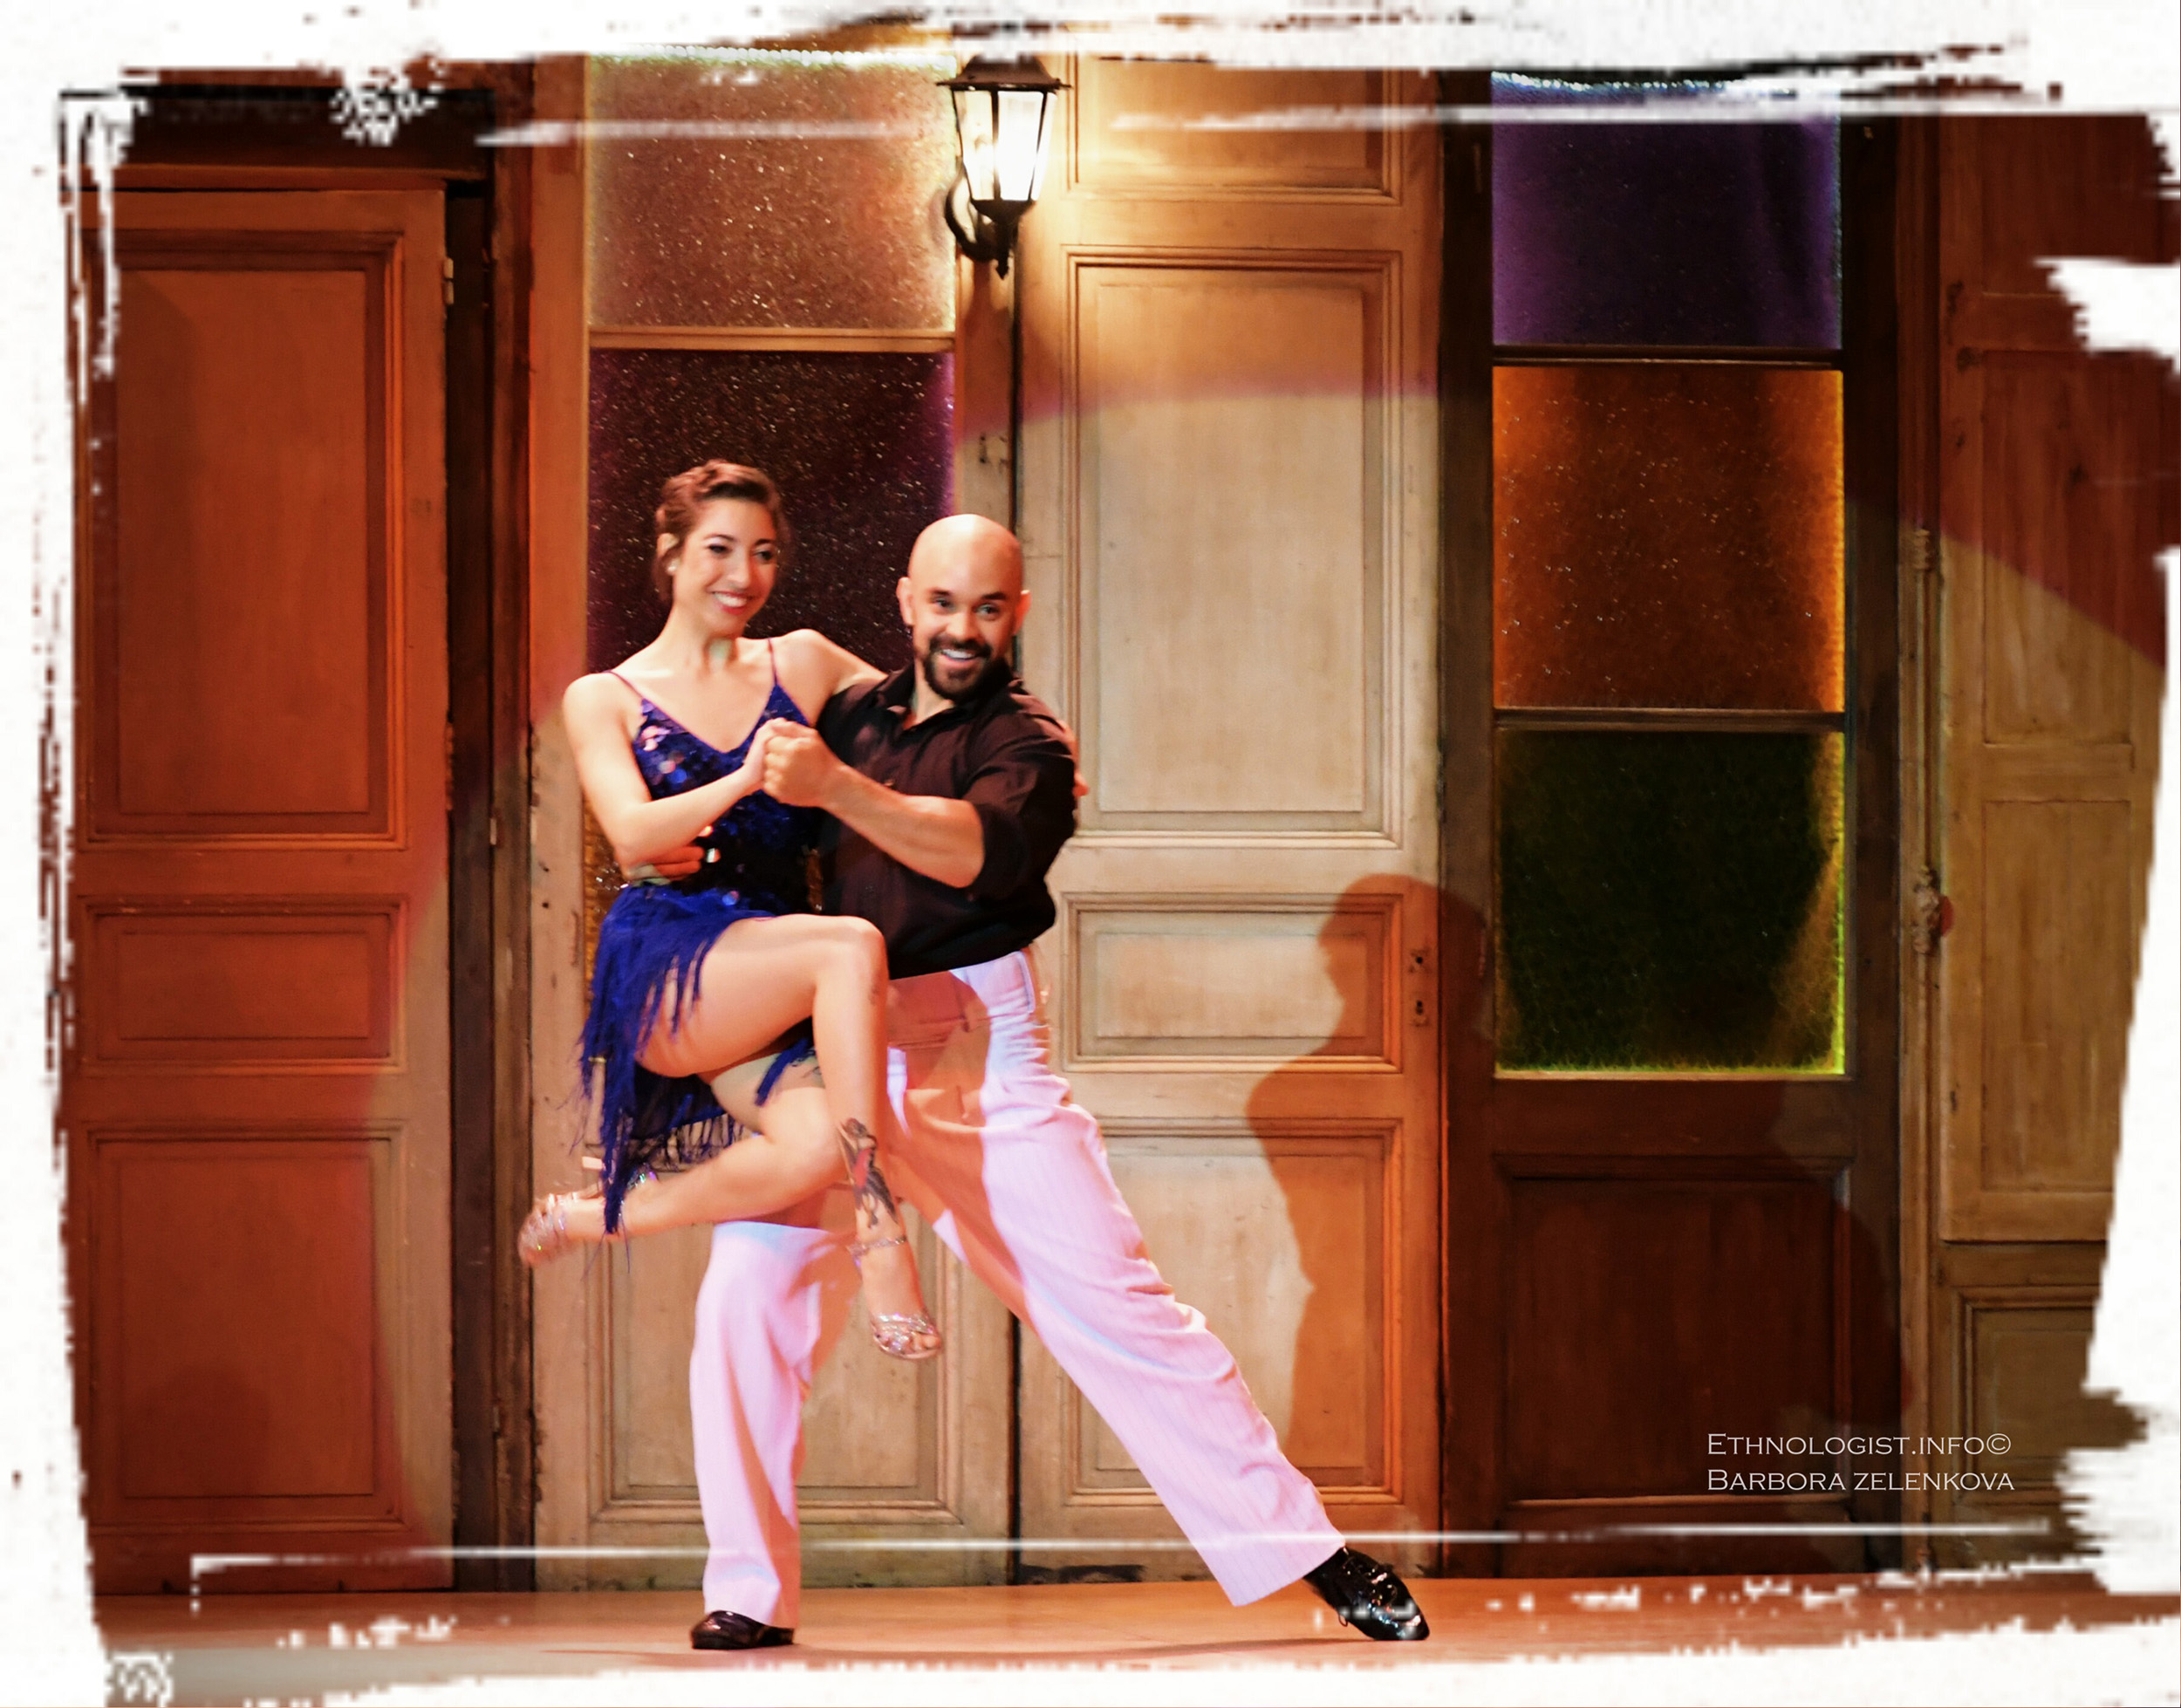 The dancers of tango in dancing hall El Milongón in Montevideo. Photo: Barbora Zelenková, December, 2016.